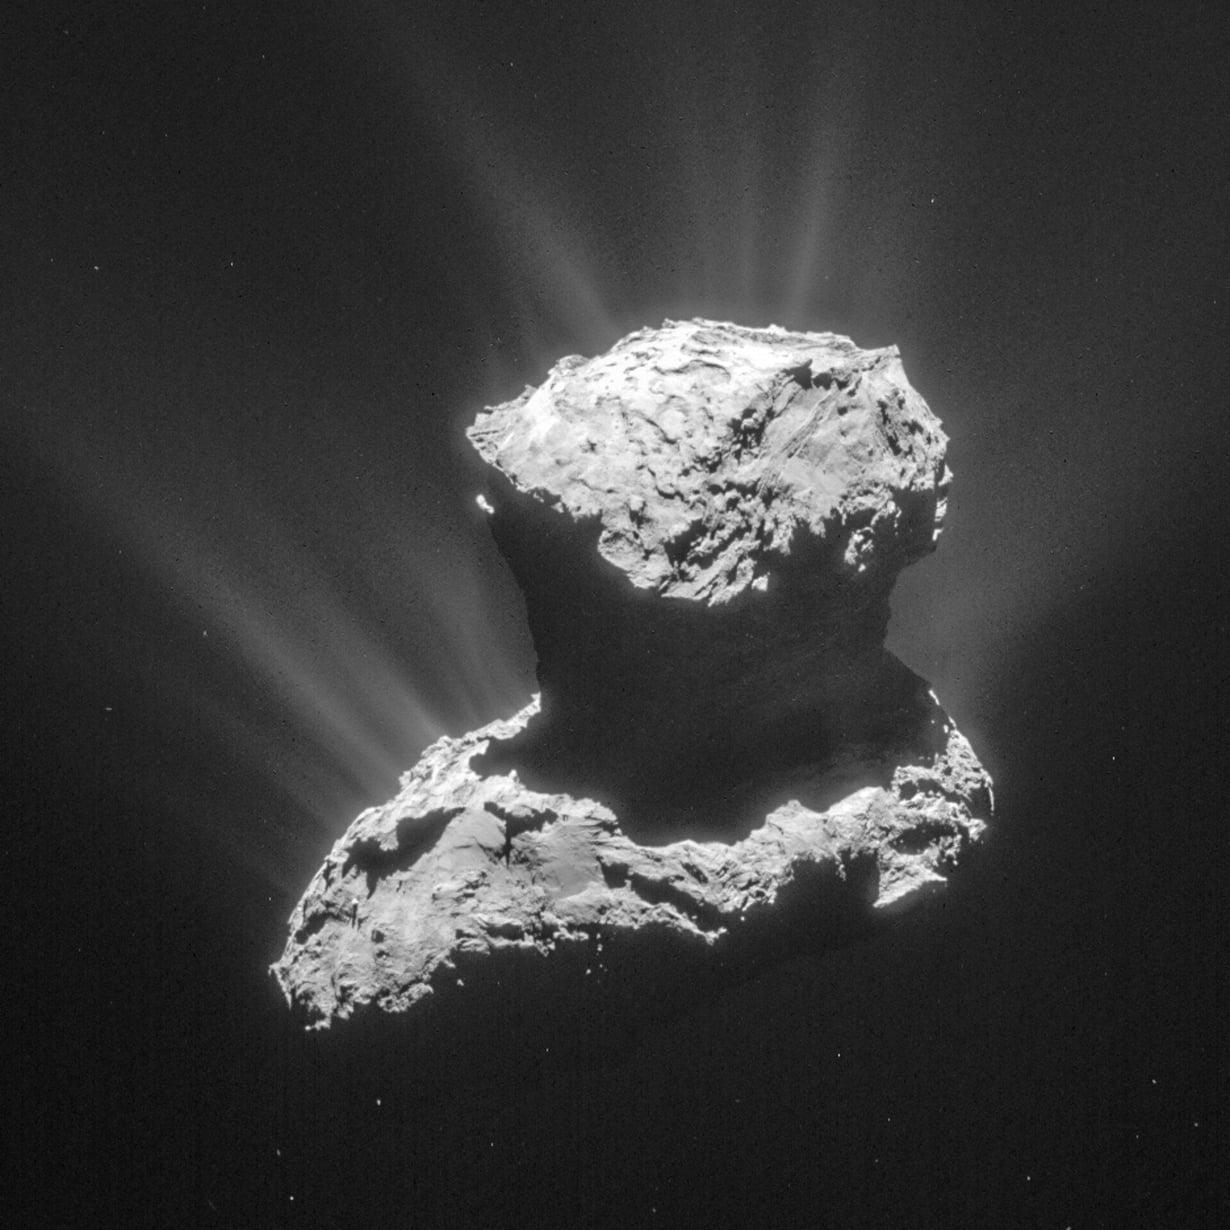 Rosetta-luotain tutki komeetta 67P/Churyumov-Gerasimenkoa lähietäisyydeltä, ja laskeutuja Philae pääsi sen pinnalle. Kuva: Esa